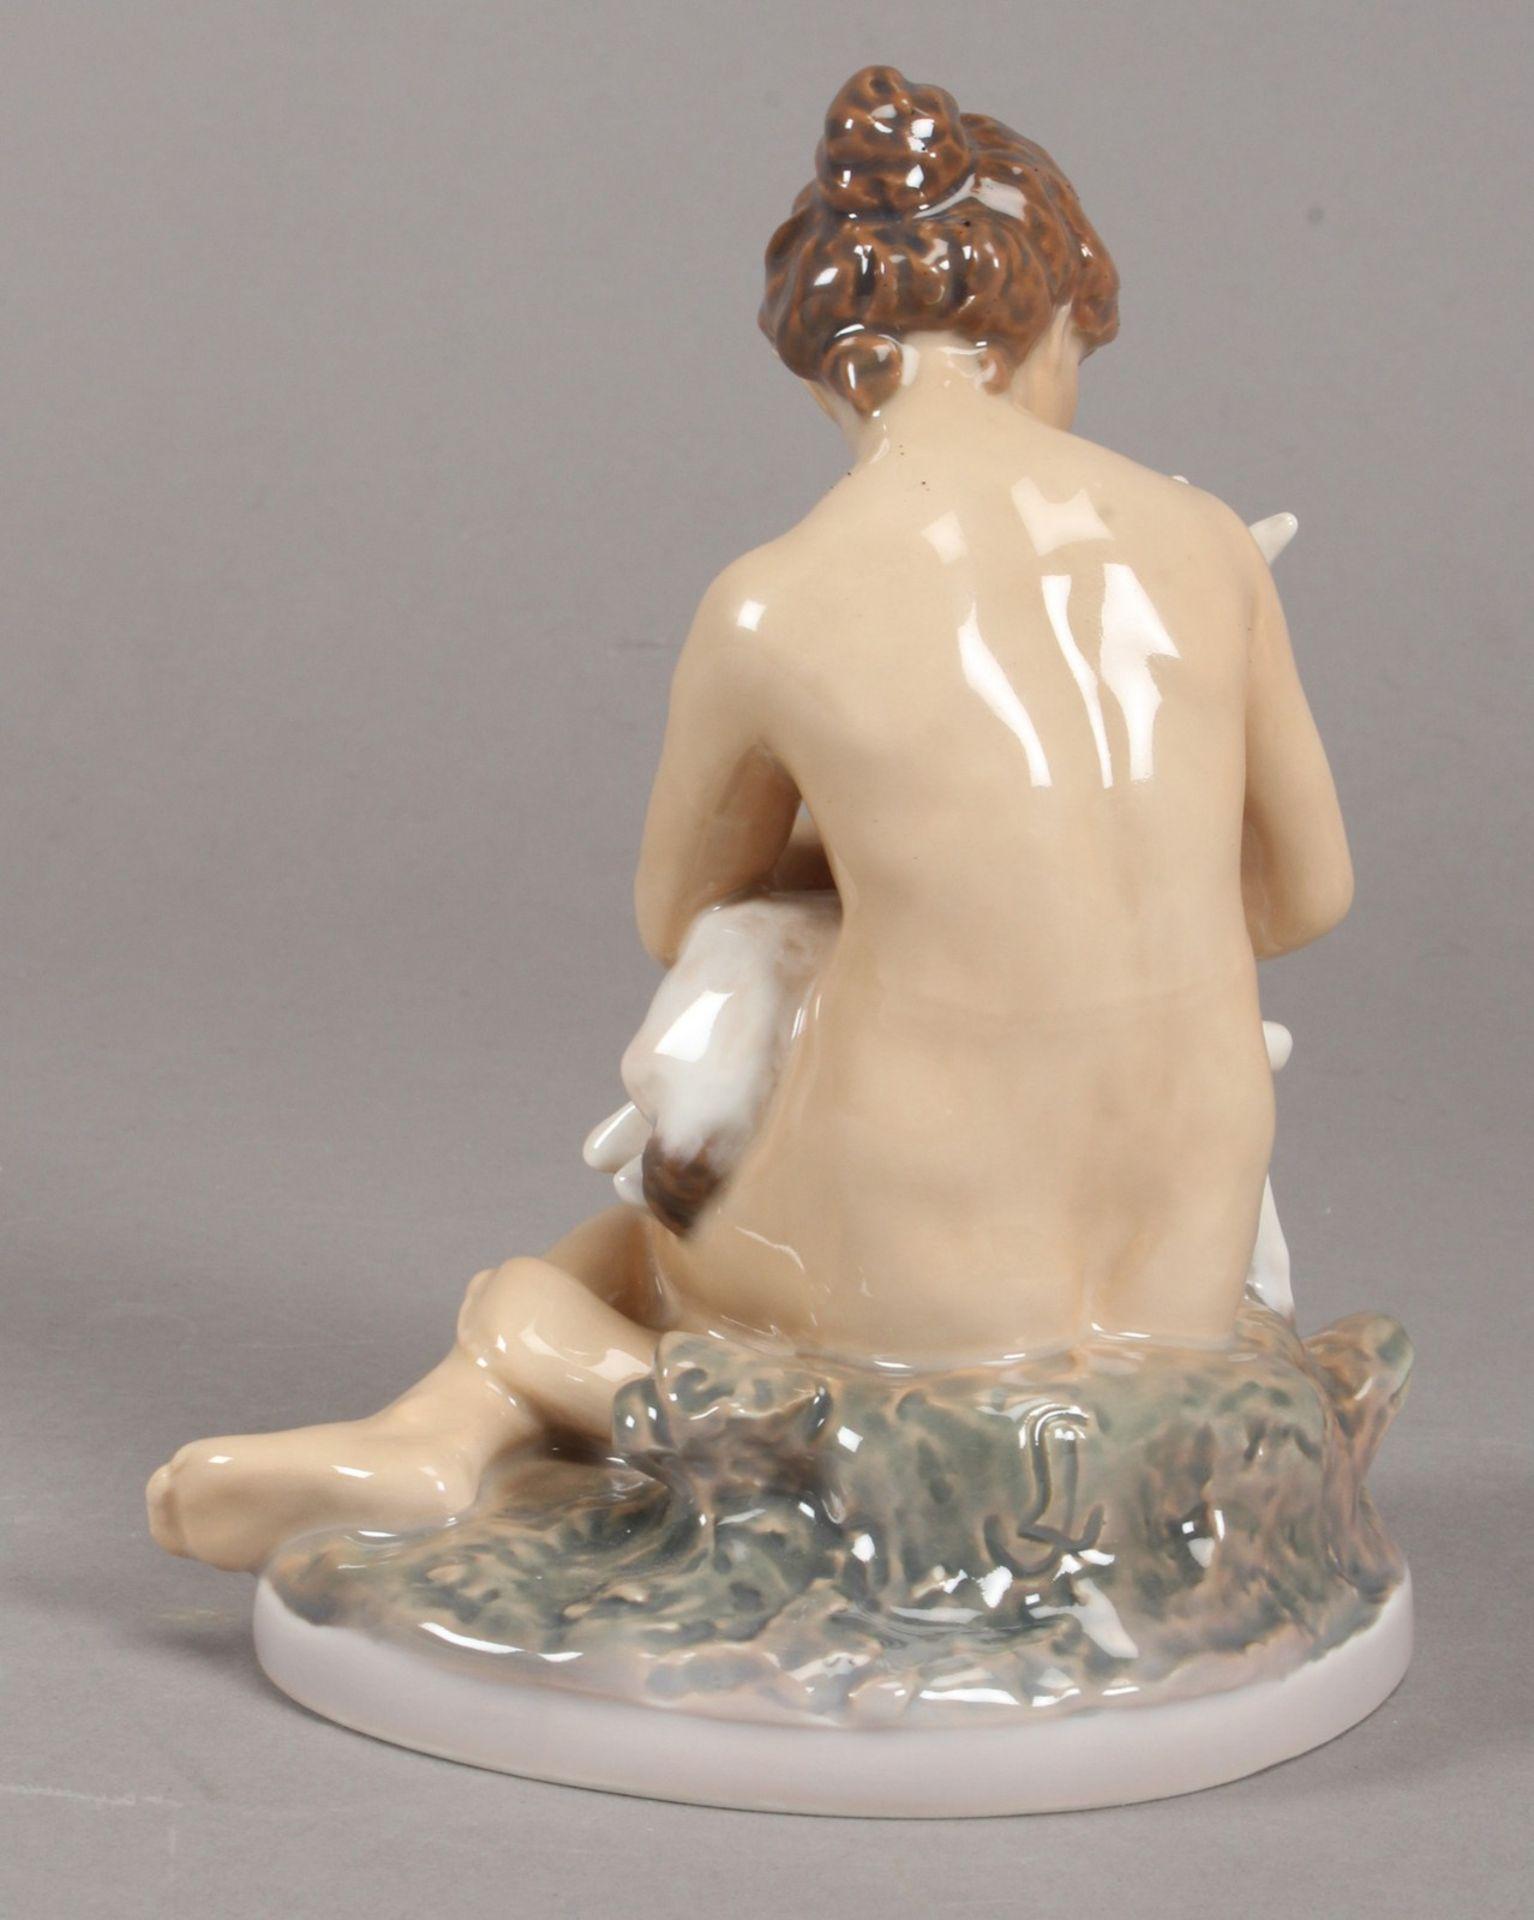 Dahl Jensen, Copenhagen. Junges nacktes Mädchen mit Ziegenkitz. Modell nr. 1276, I.W. H. 18 cm. - Bild 2 aus 4